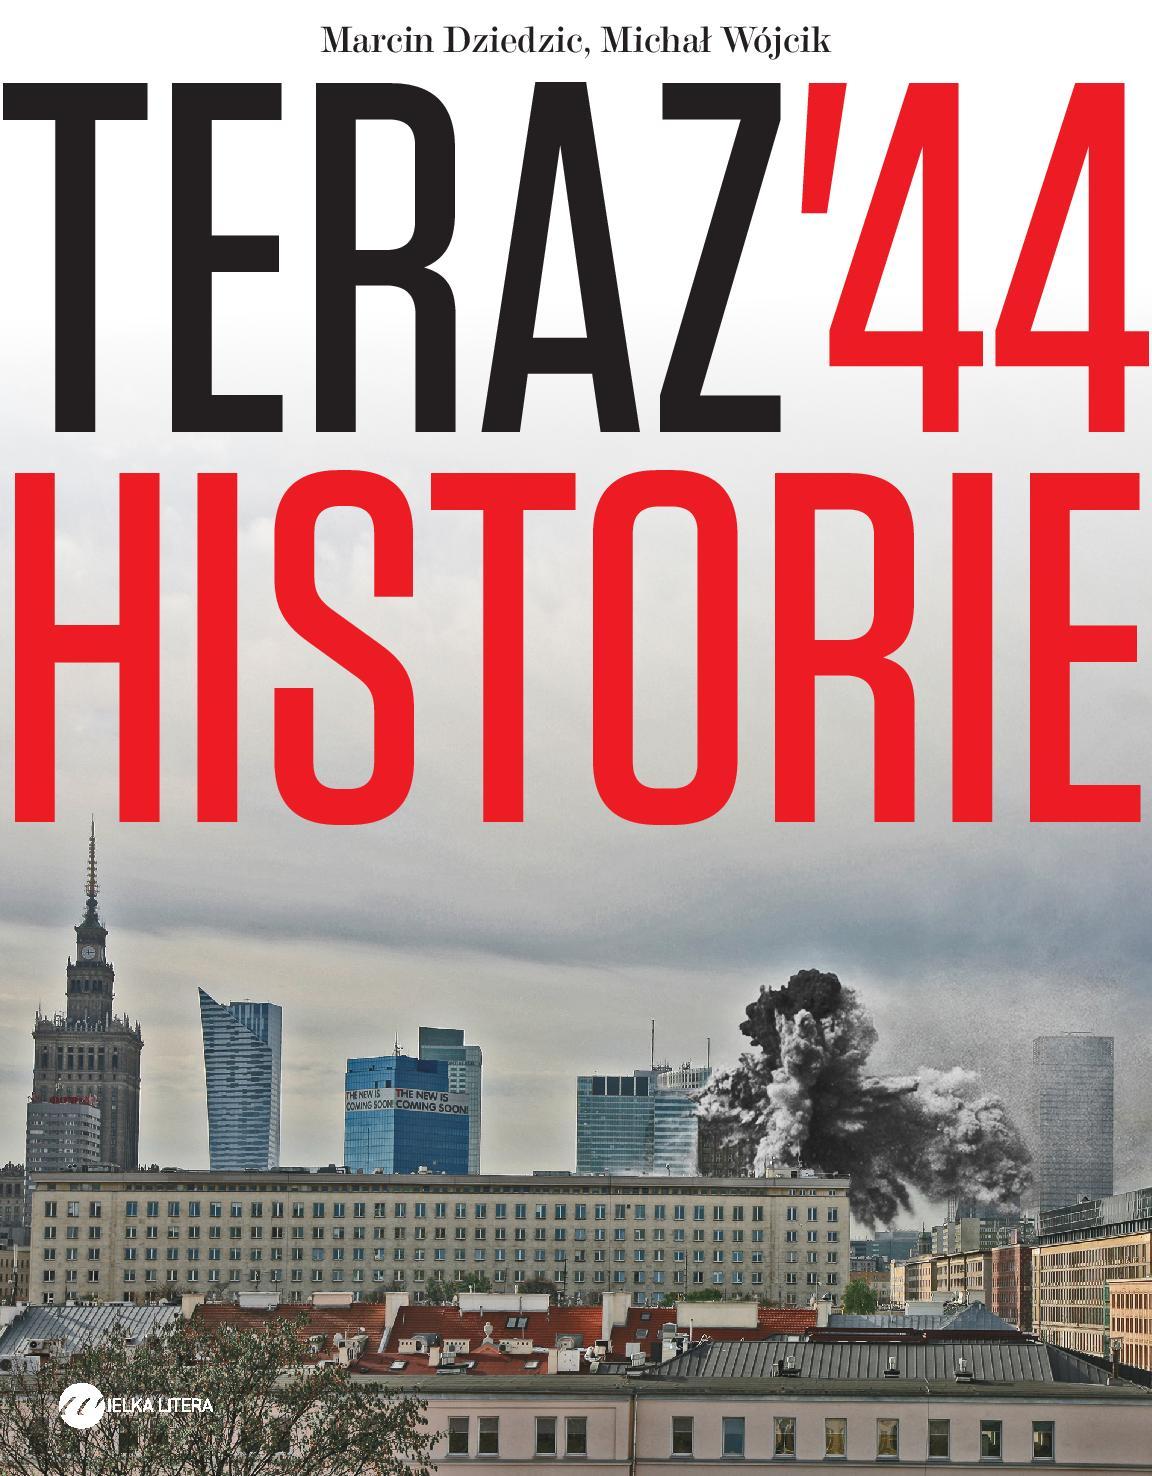 """Marcin Dziedzic, Michał Wójcik, """"Teraz '44 historie"""" (źródło: materiały prasowe wydawcy)"""